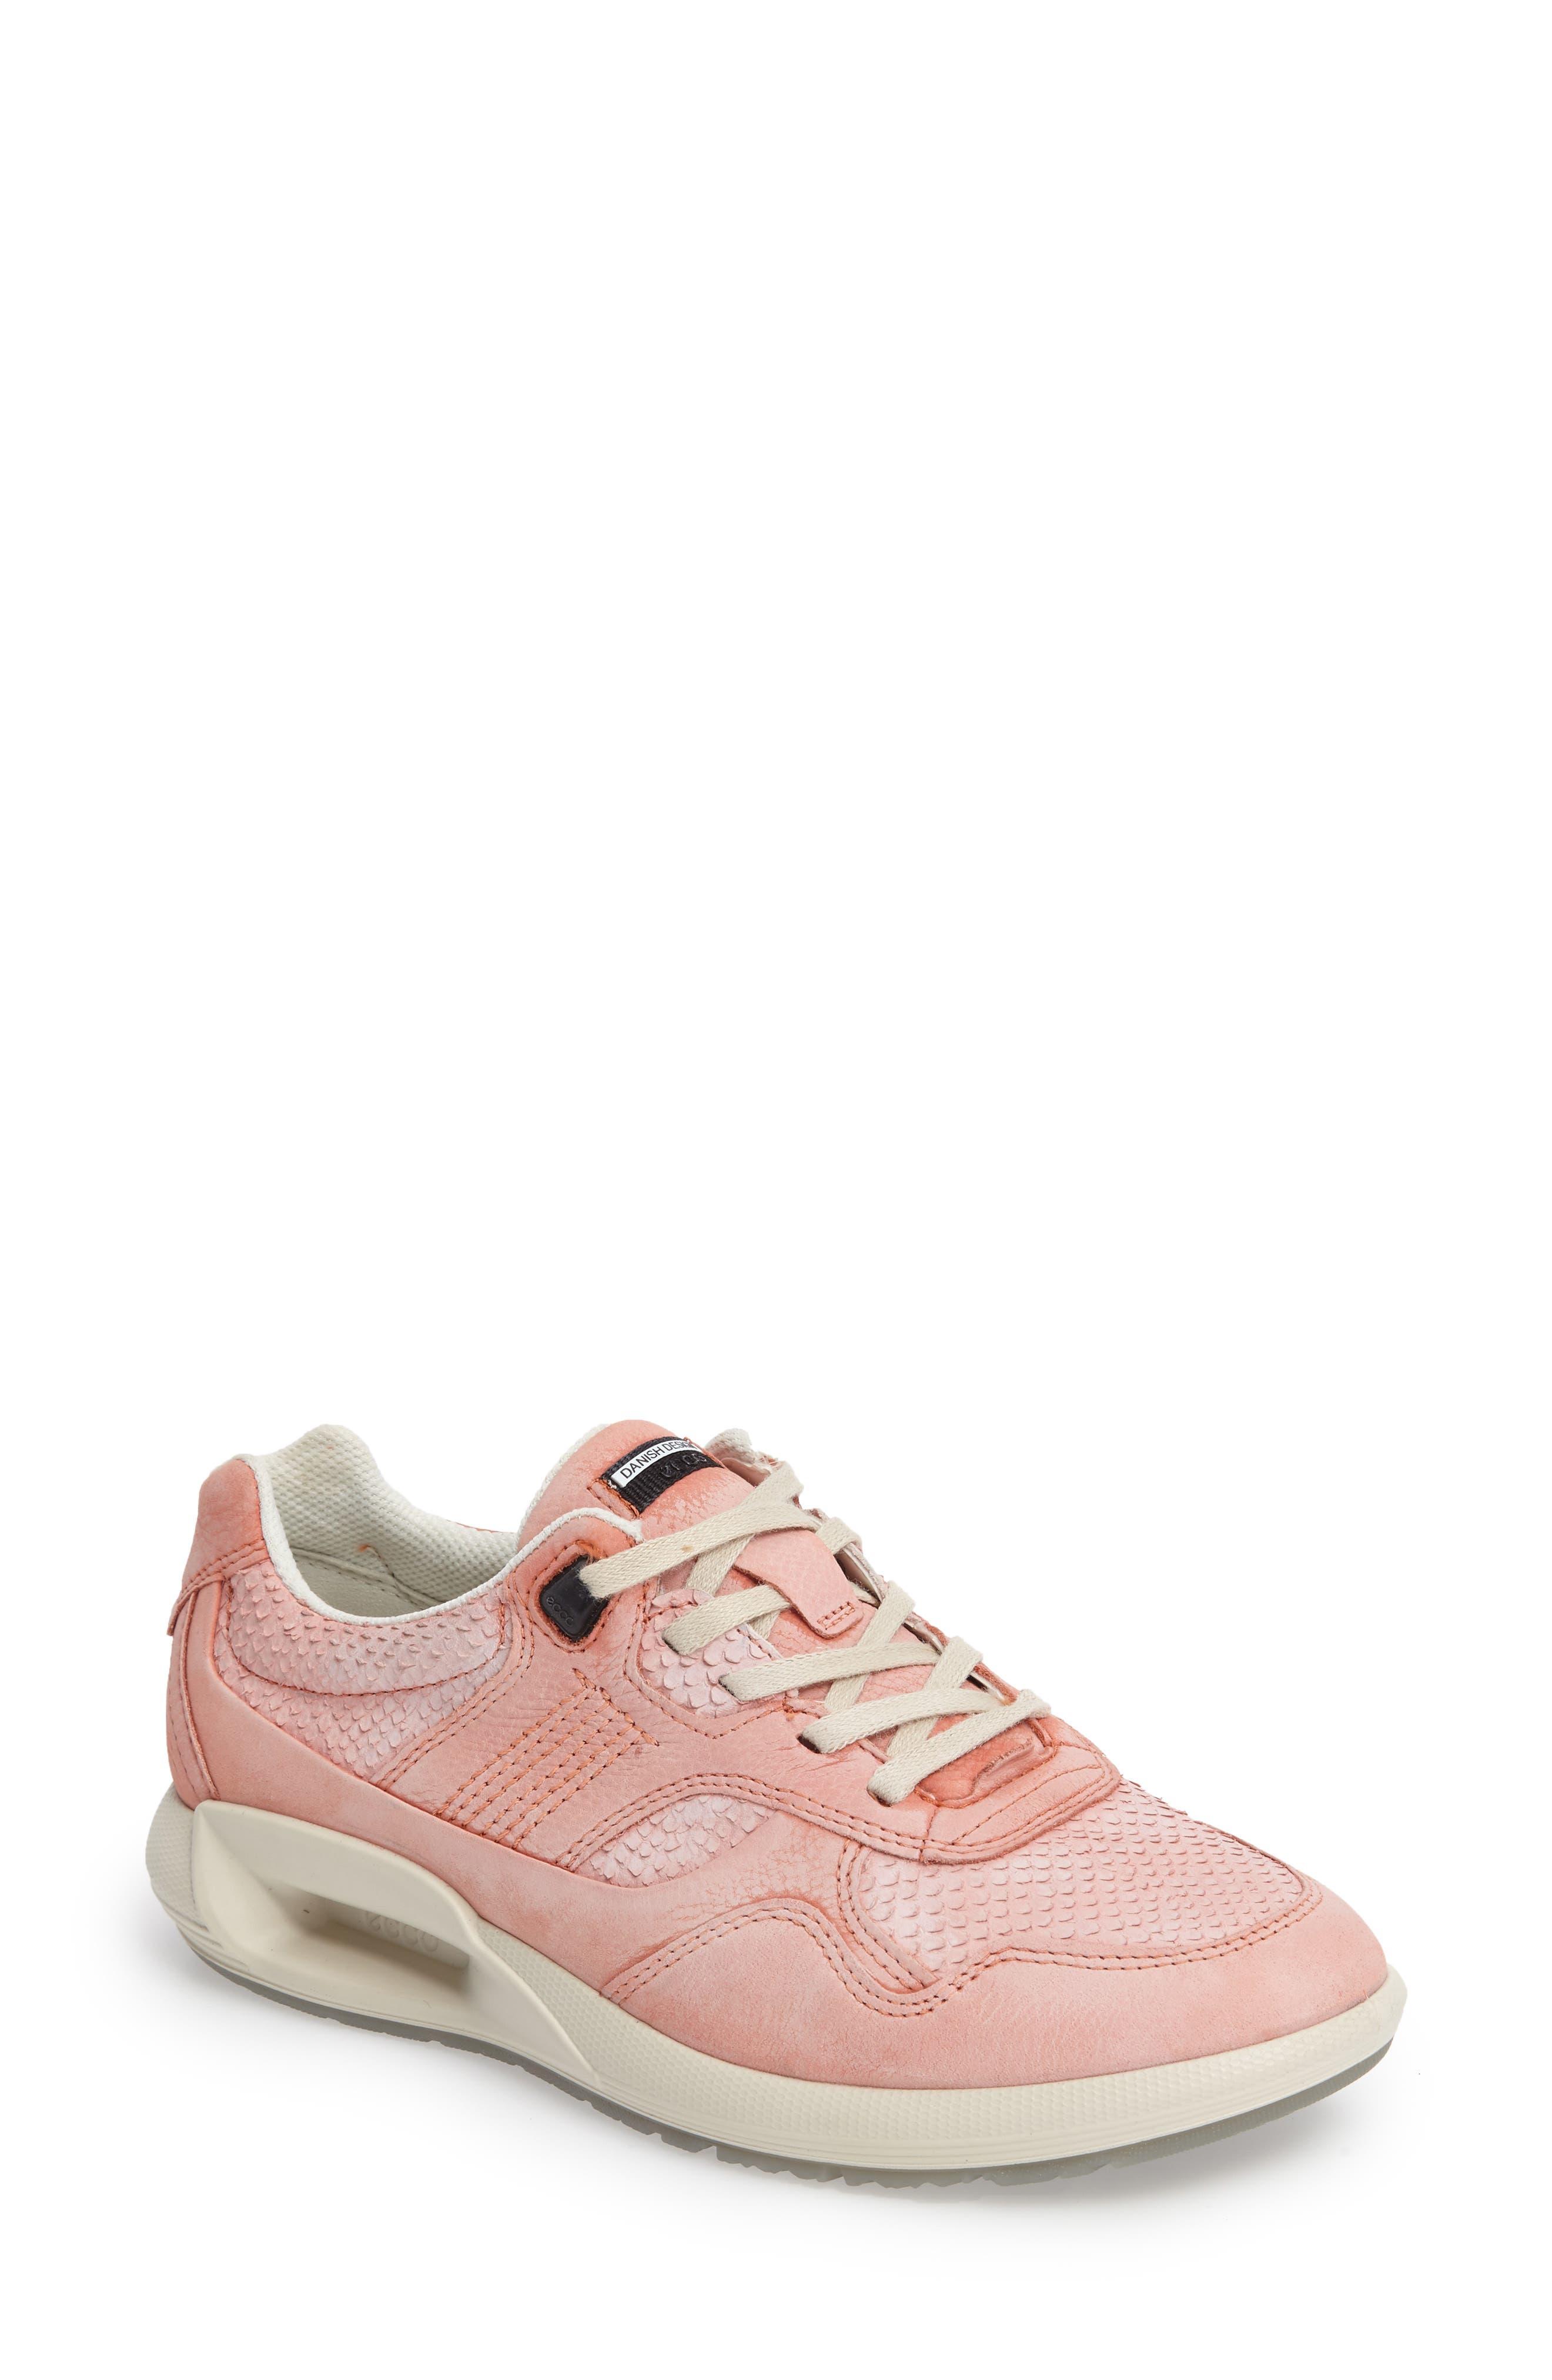 ECCO CS 16 Sneaker (Women)